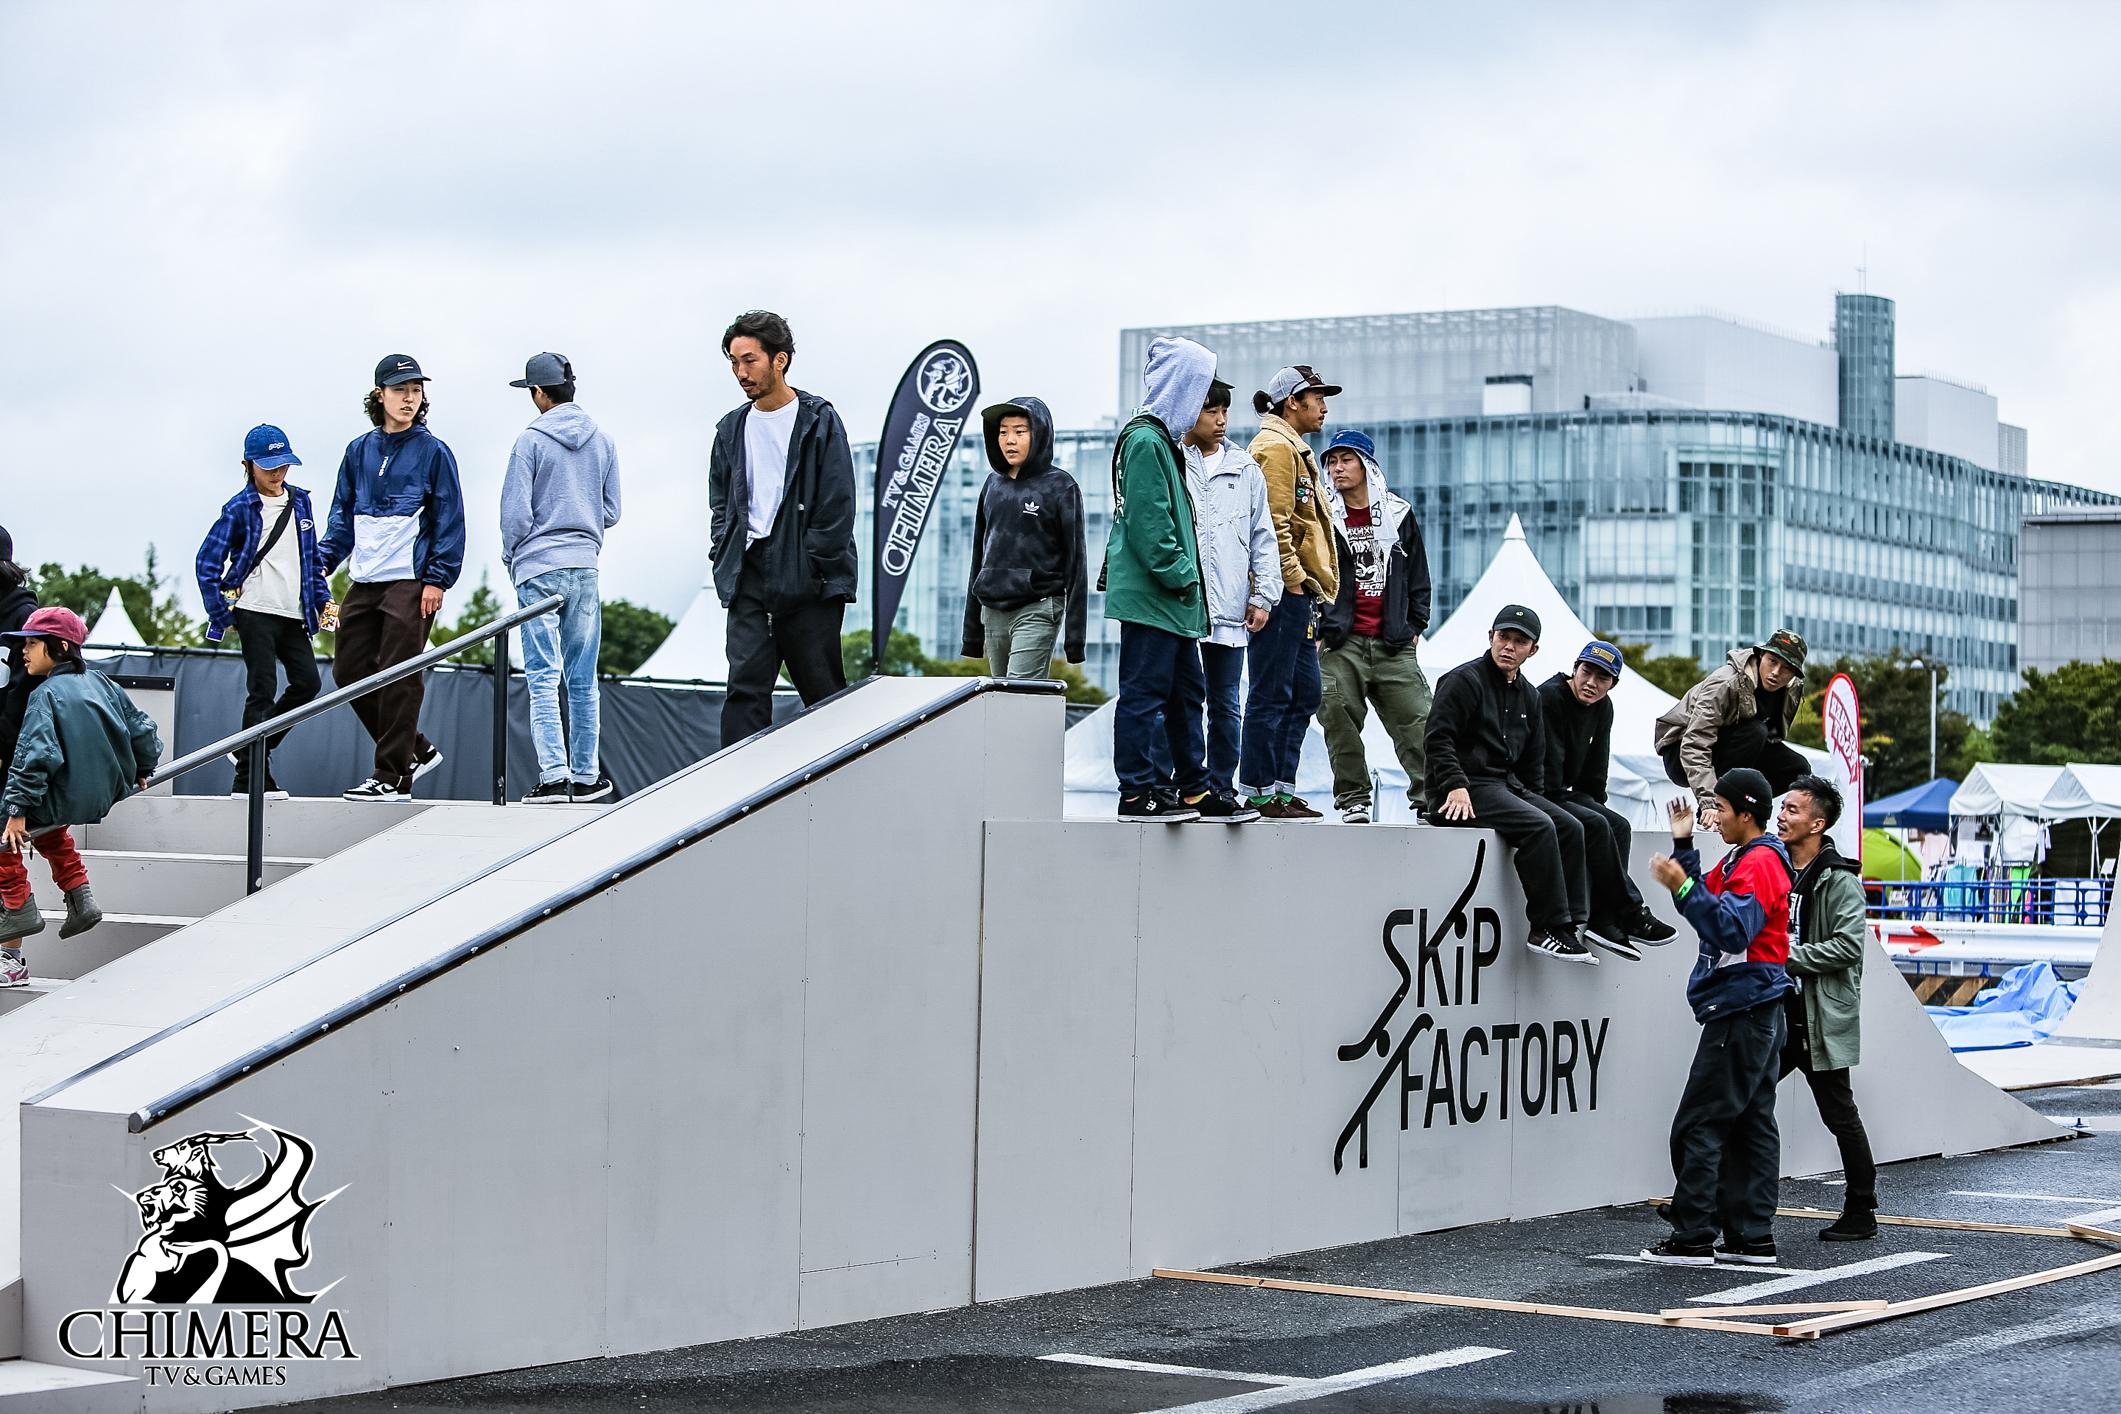 スケートボード、skateboard